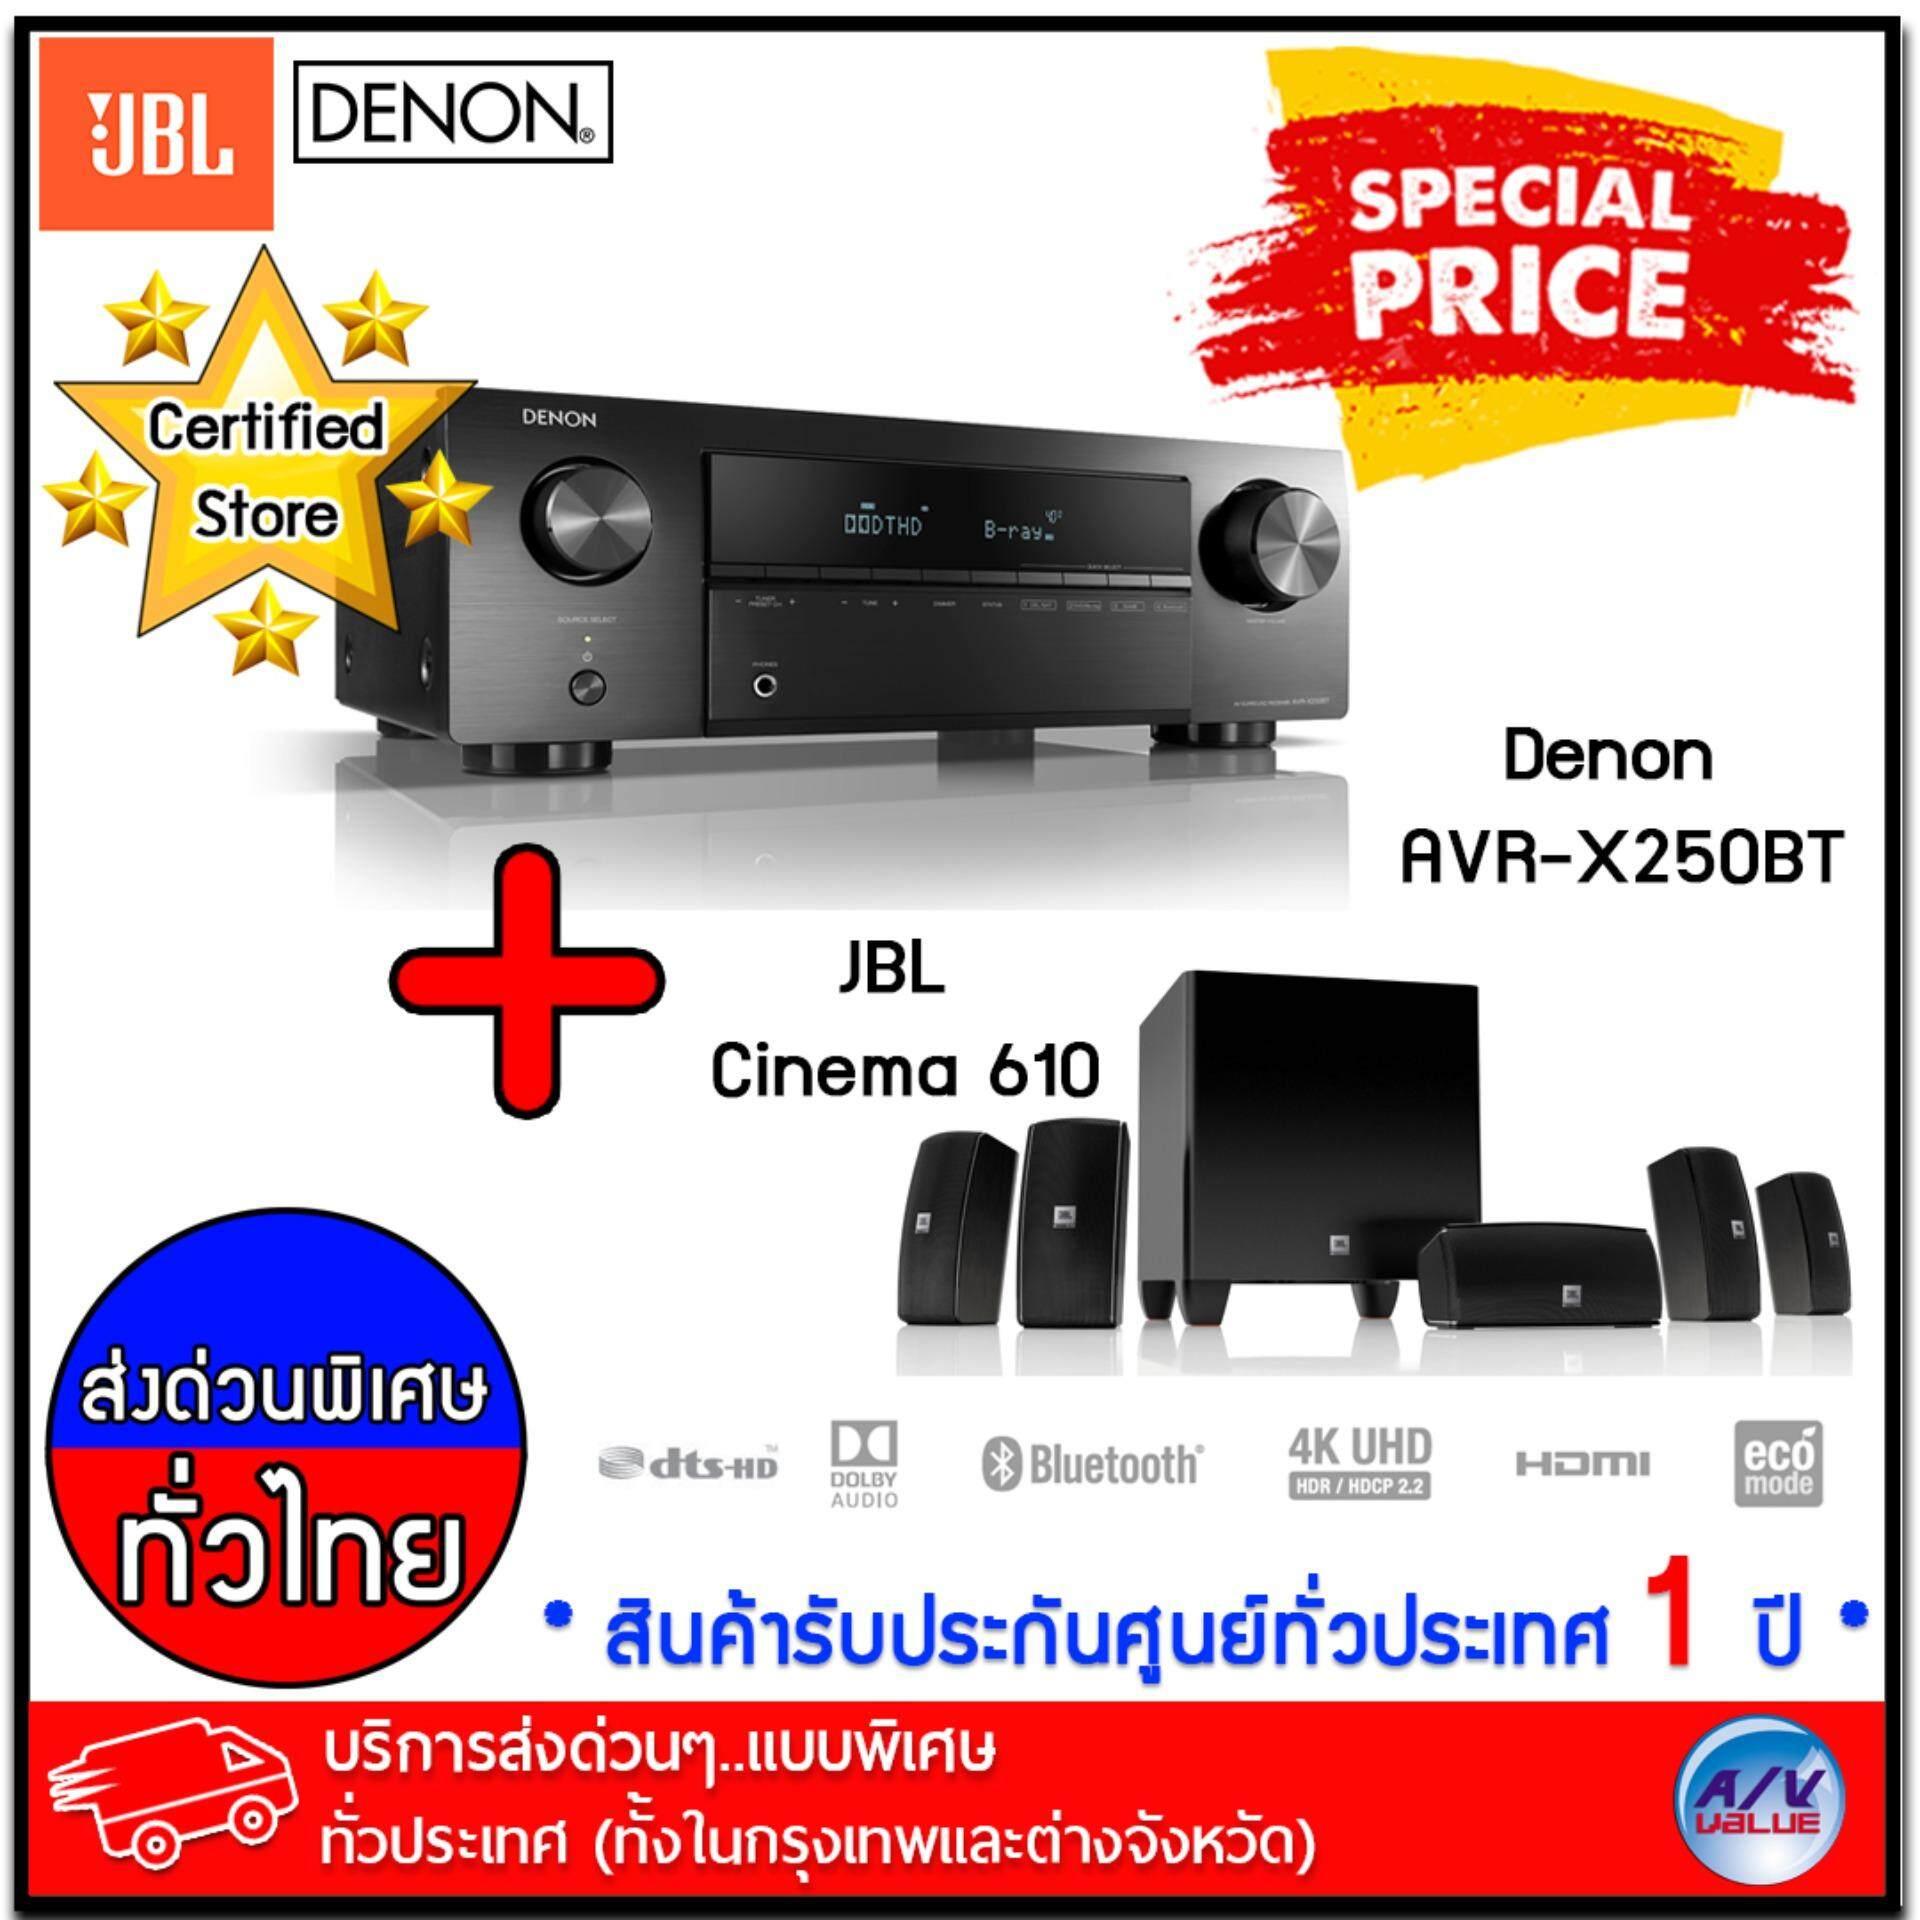 การใช้งาน  อุตรดิตถ์ Denon AVR-X250BT 5.1 Ch. 4K Ultra HD AV Receiver with Bluetooth + JBL CINEMA 610  Advanced 5.1 speaker system *** บริการส่งด่วนแบบพิเศษ!ทั่วประเทศ (ทั้งในกรุงเทพและต่างจังหวัด)***